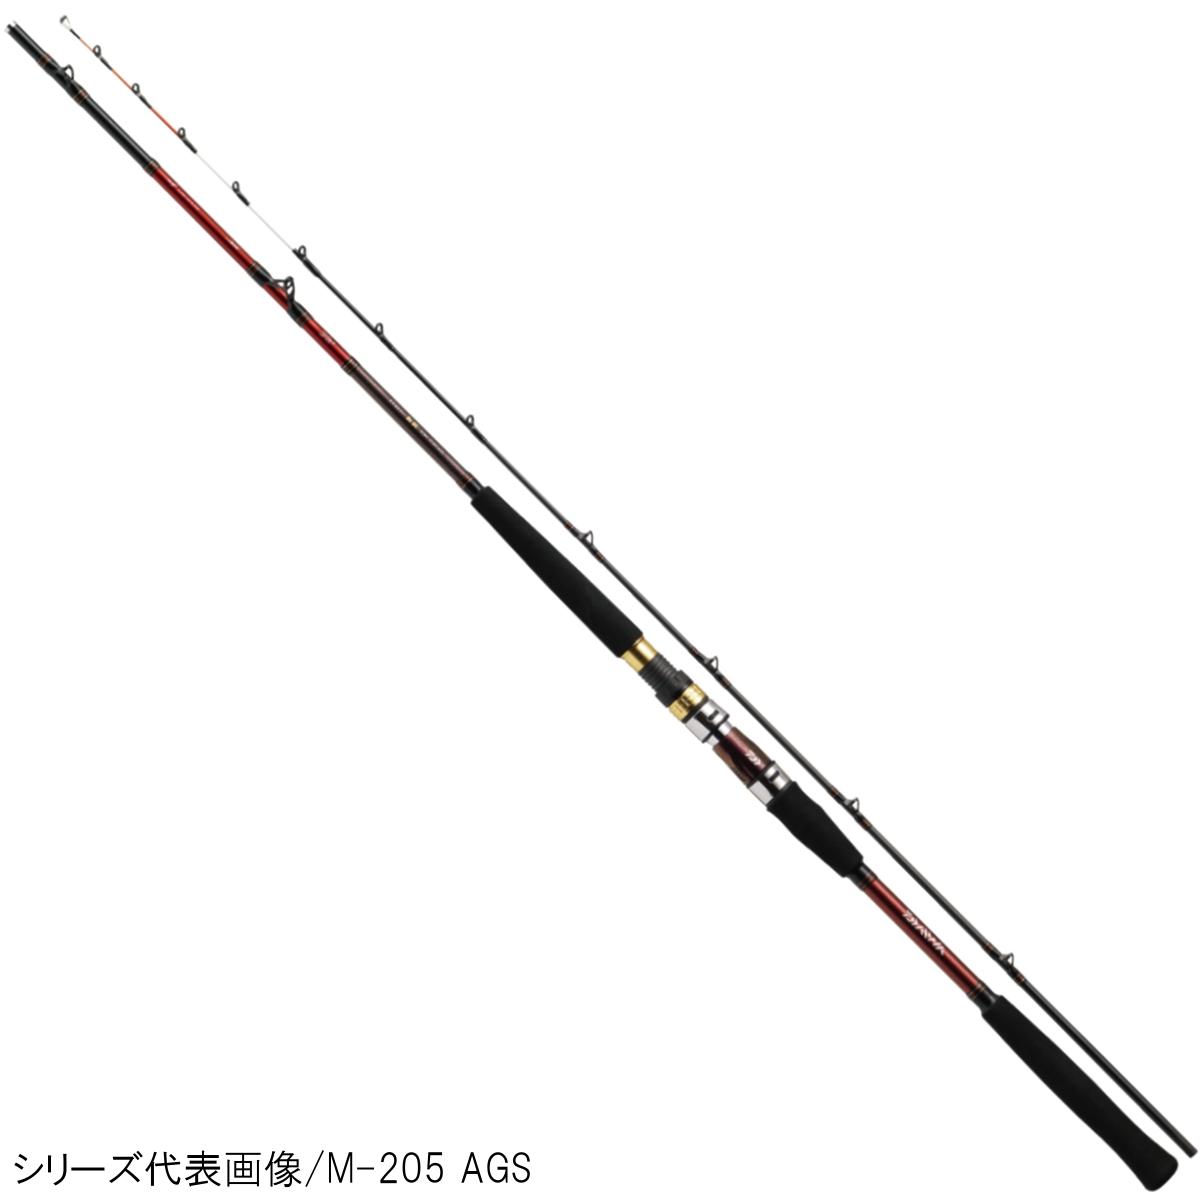 ダイワ 極鋭ギア M-180 AGS【送料無料】